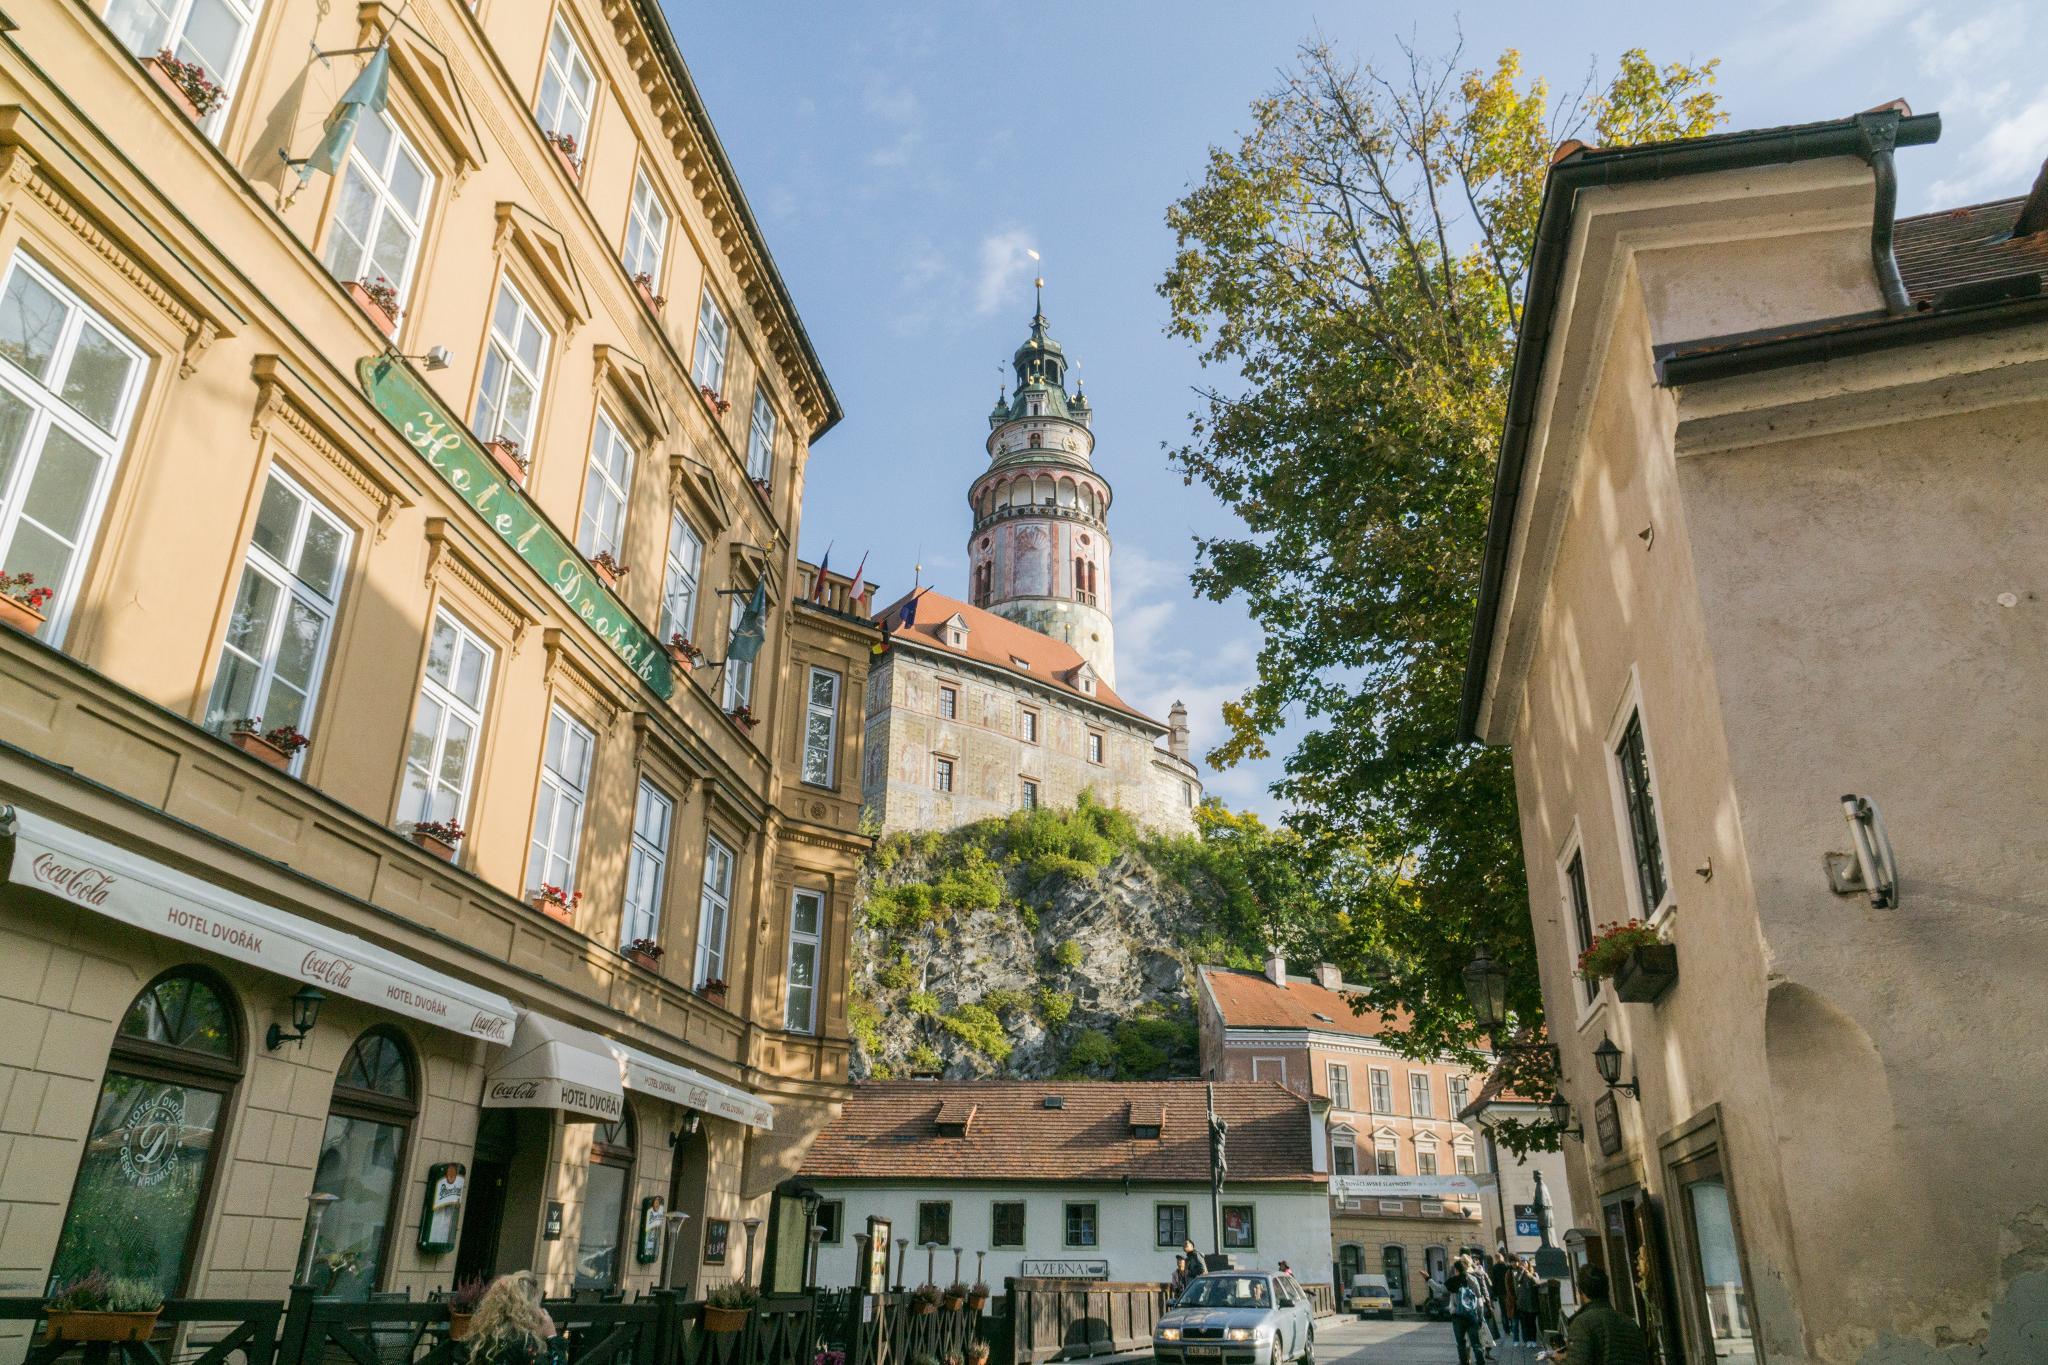 【捷克】行家推薦:Český Krumlov 庫倫洛夫攝影點總整理 & 私房夜景大公開!